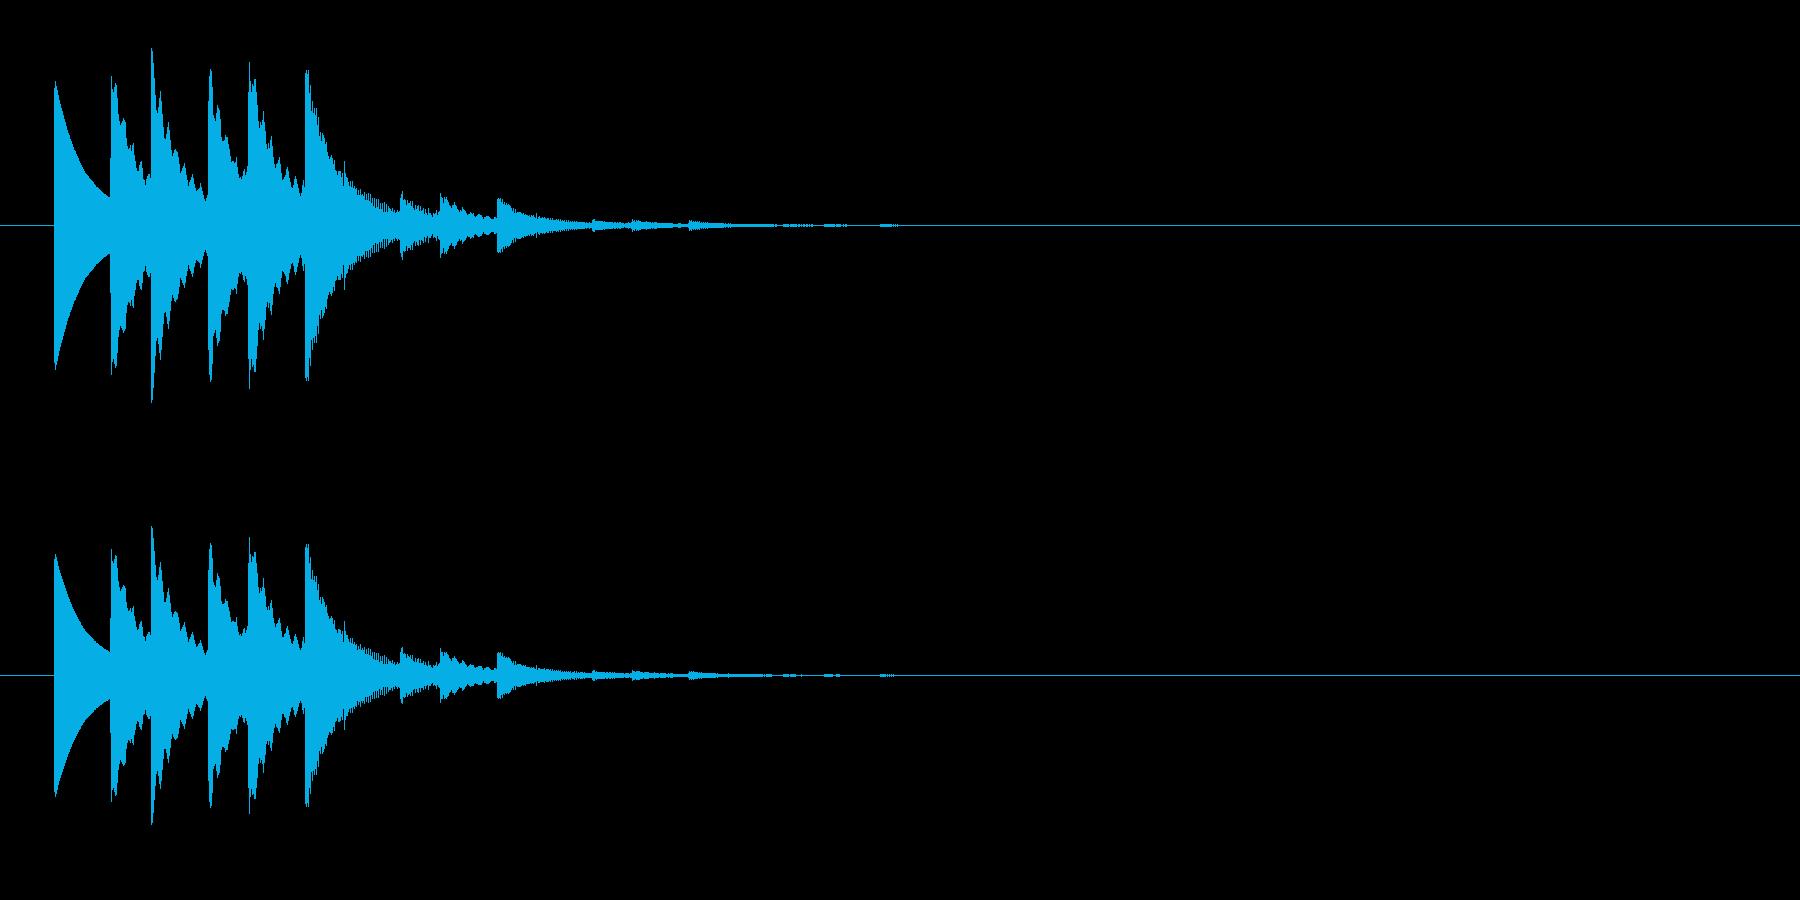 チャリチャリチャリーンなコイン獲得の音6の再生済みの波形